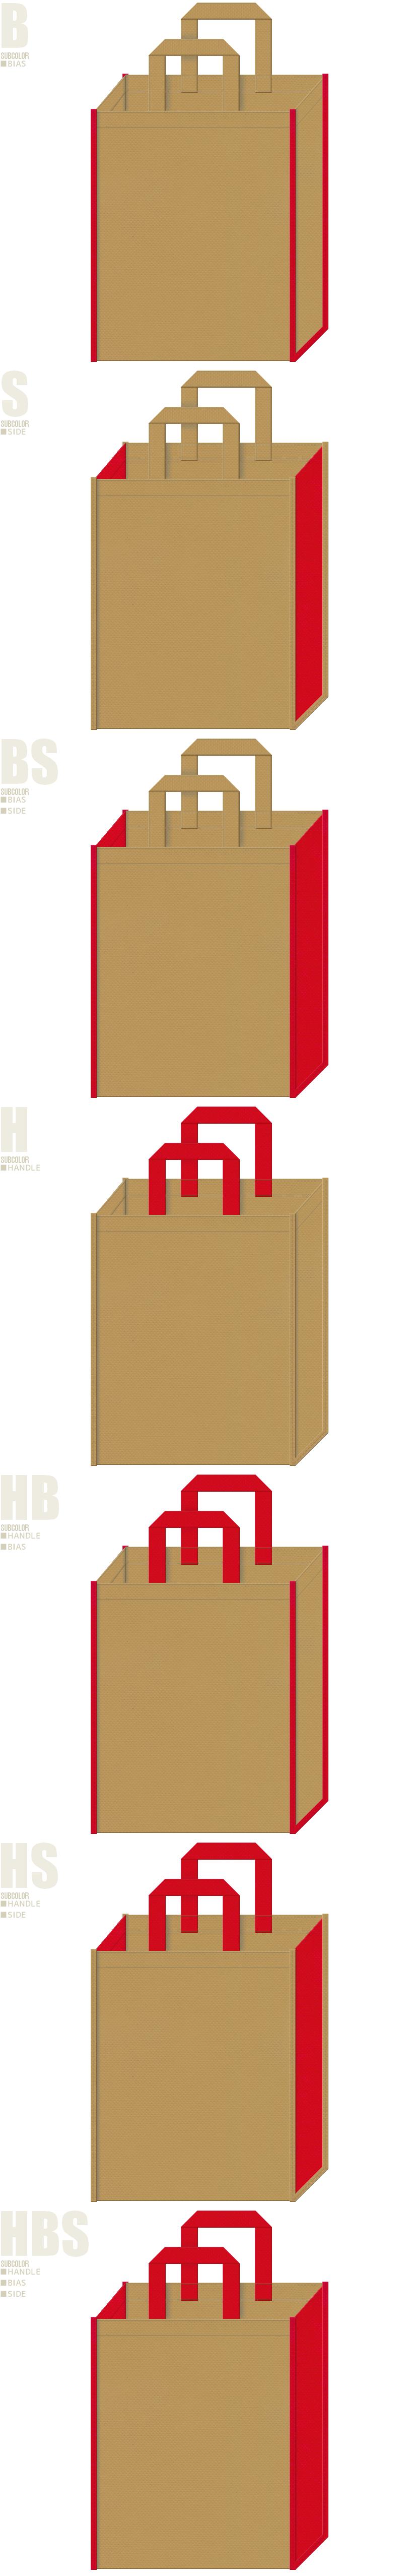 赤鬼・節分・大豆・一合枡・御輿・お祭り・和風催事にお奨めの不織布バッグデザイン:金黄土色と紅色の配色7パターン